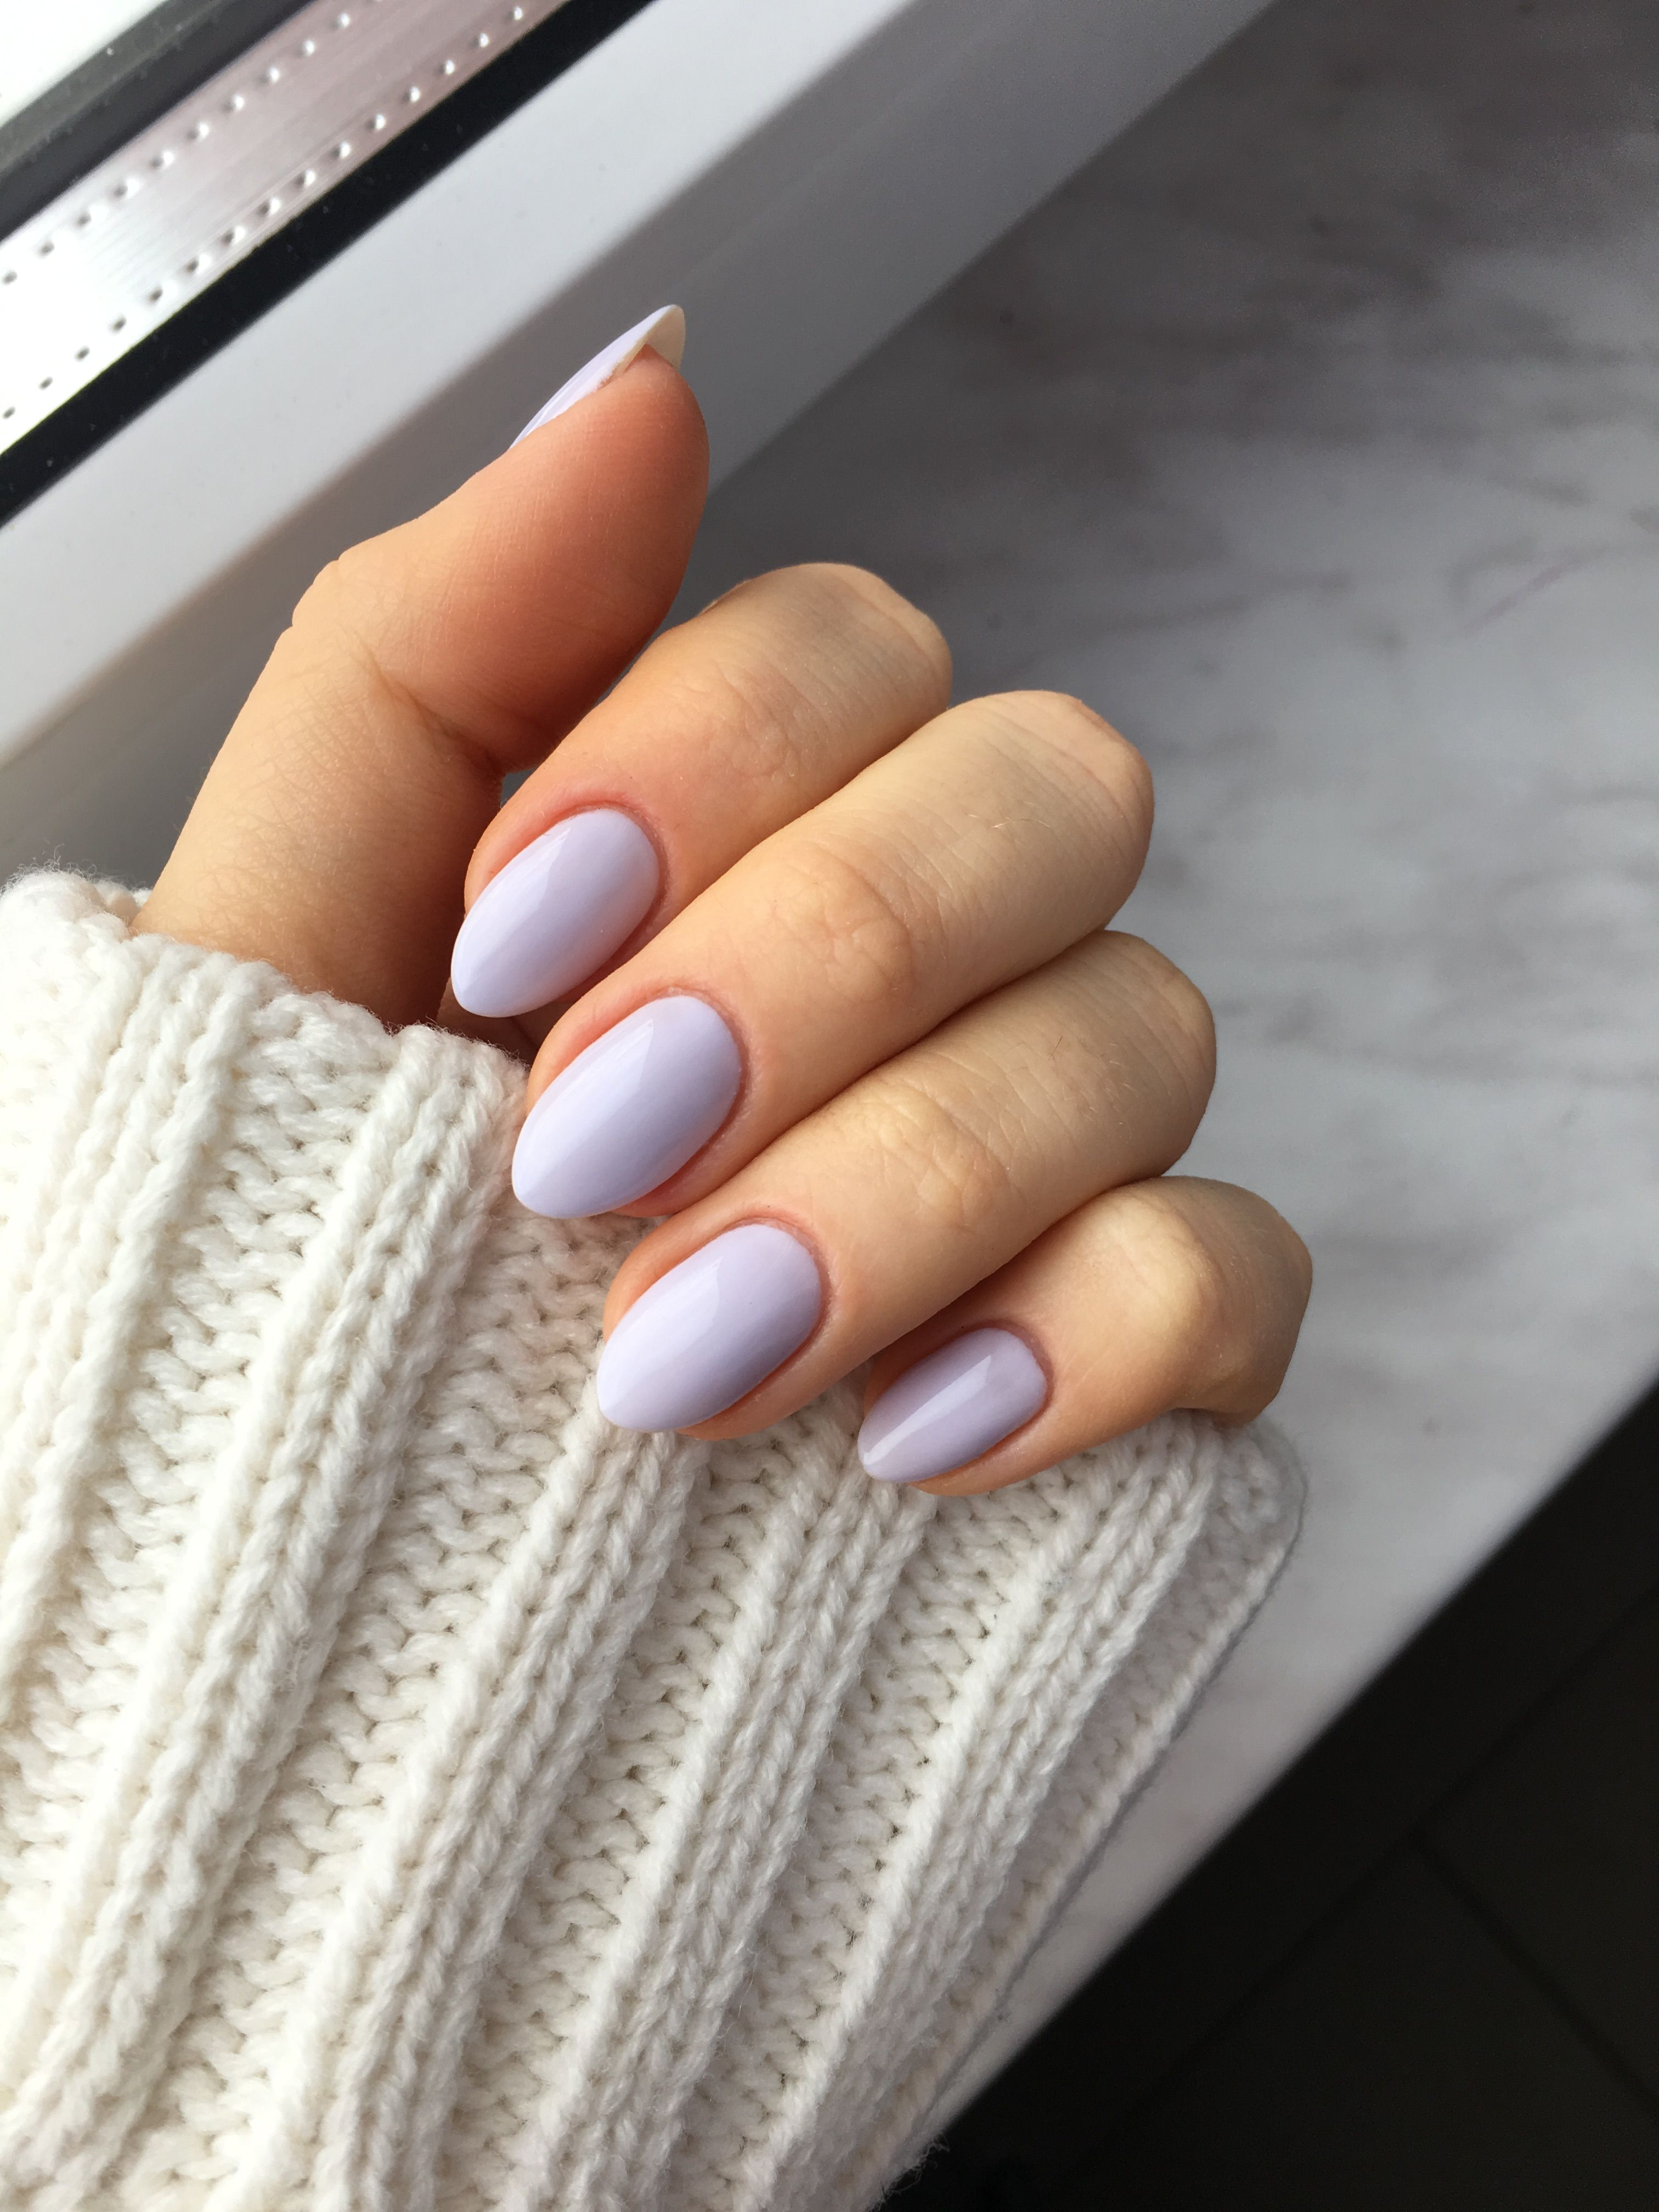 Pin by veritaserum on Nails | Pinterest | Ongles, Nail nail and Hair ...